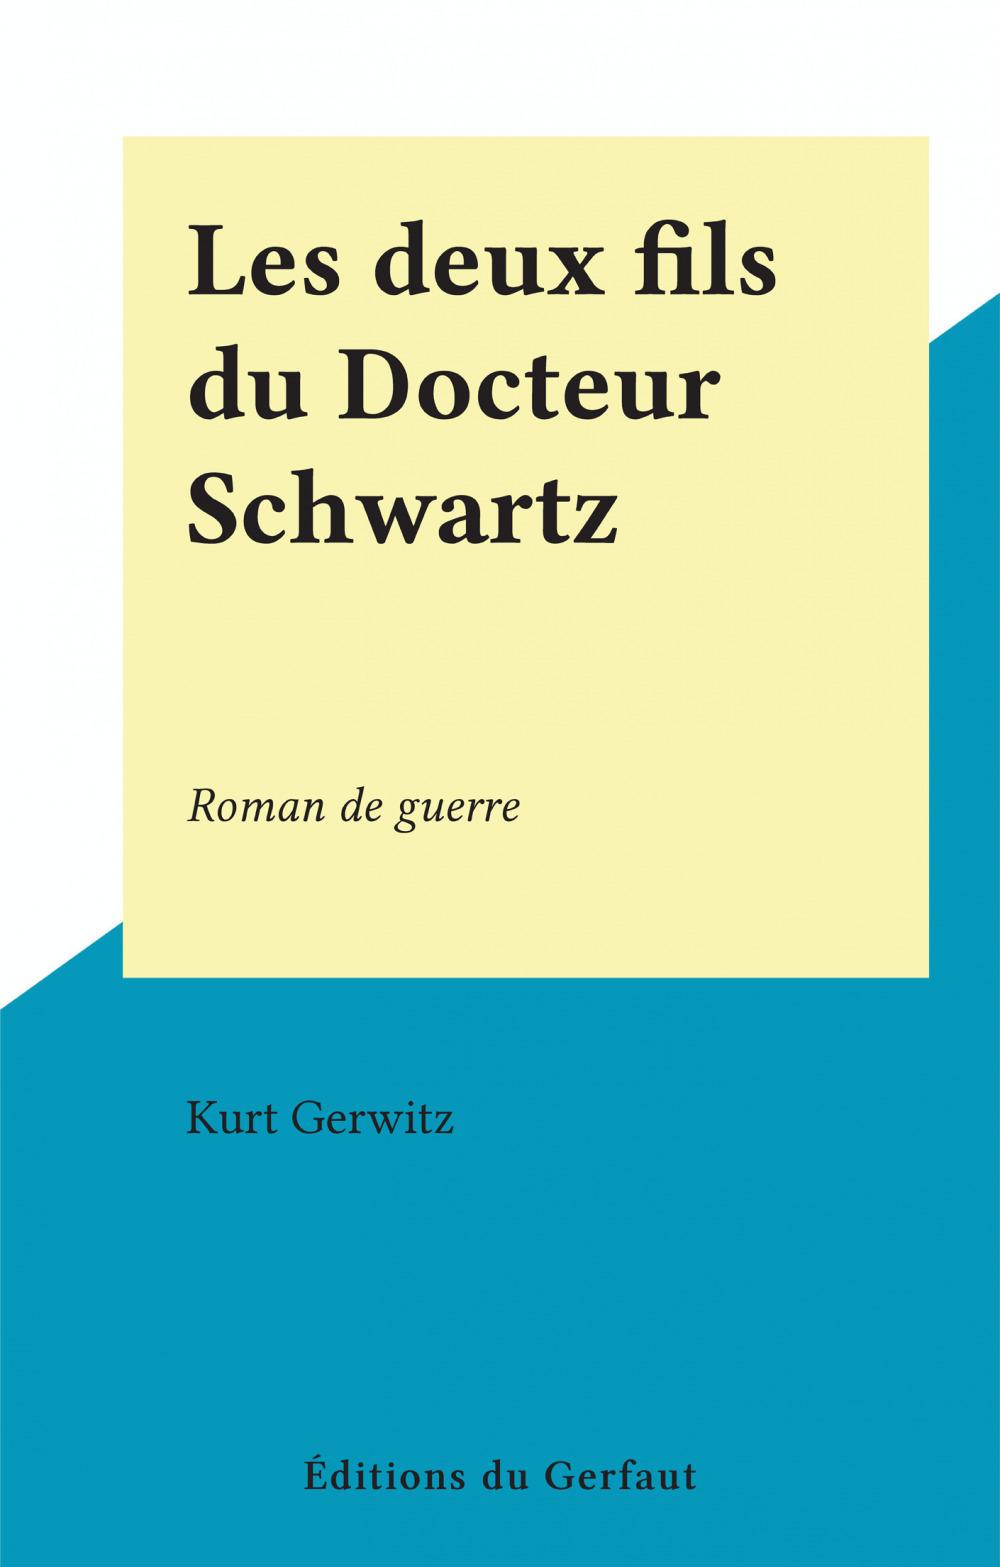 Les deux fils du Docteur Schwartz